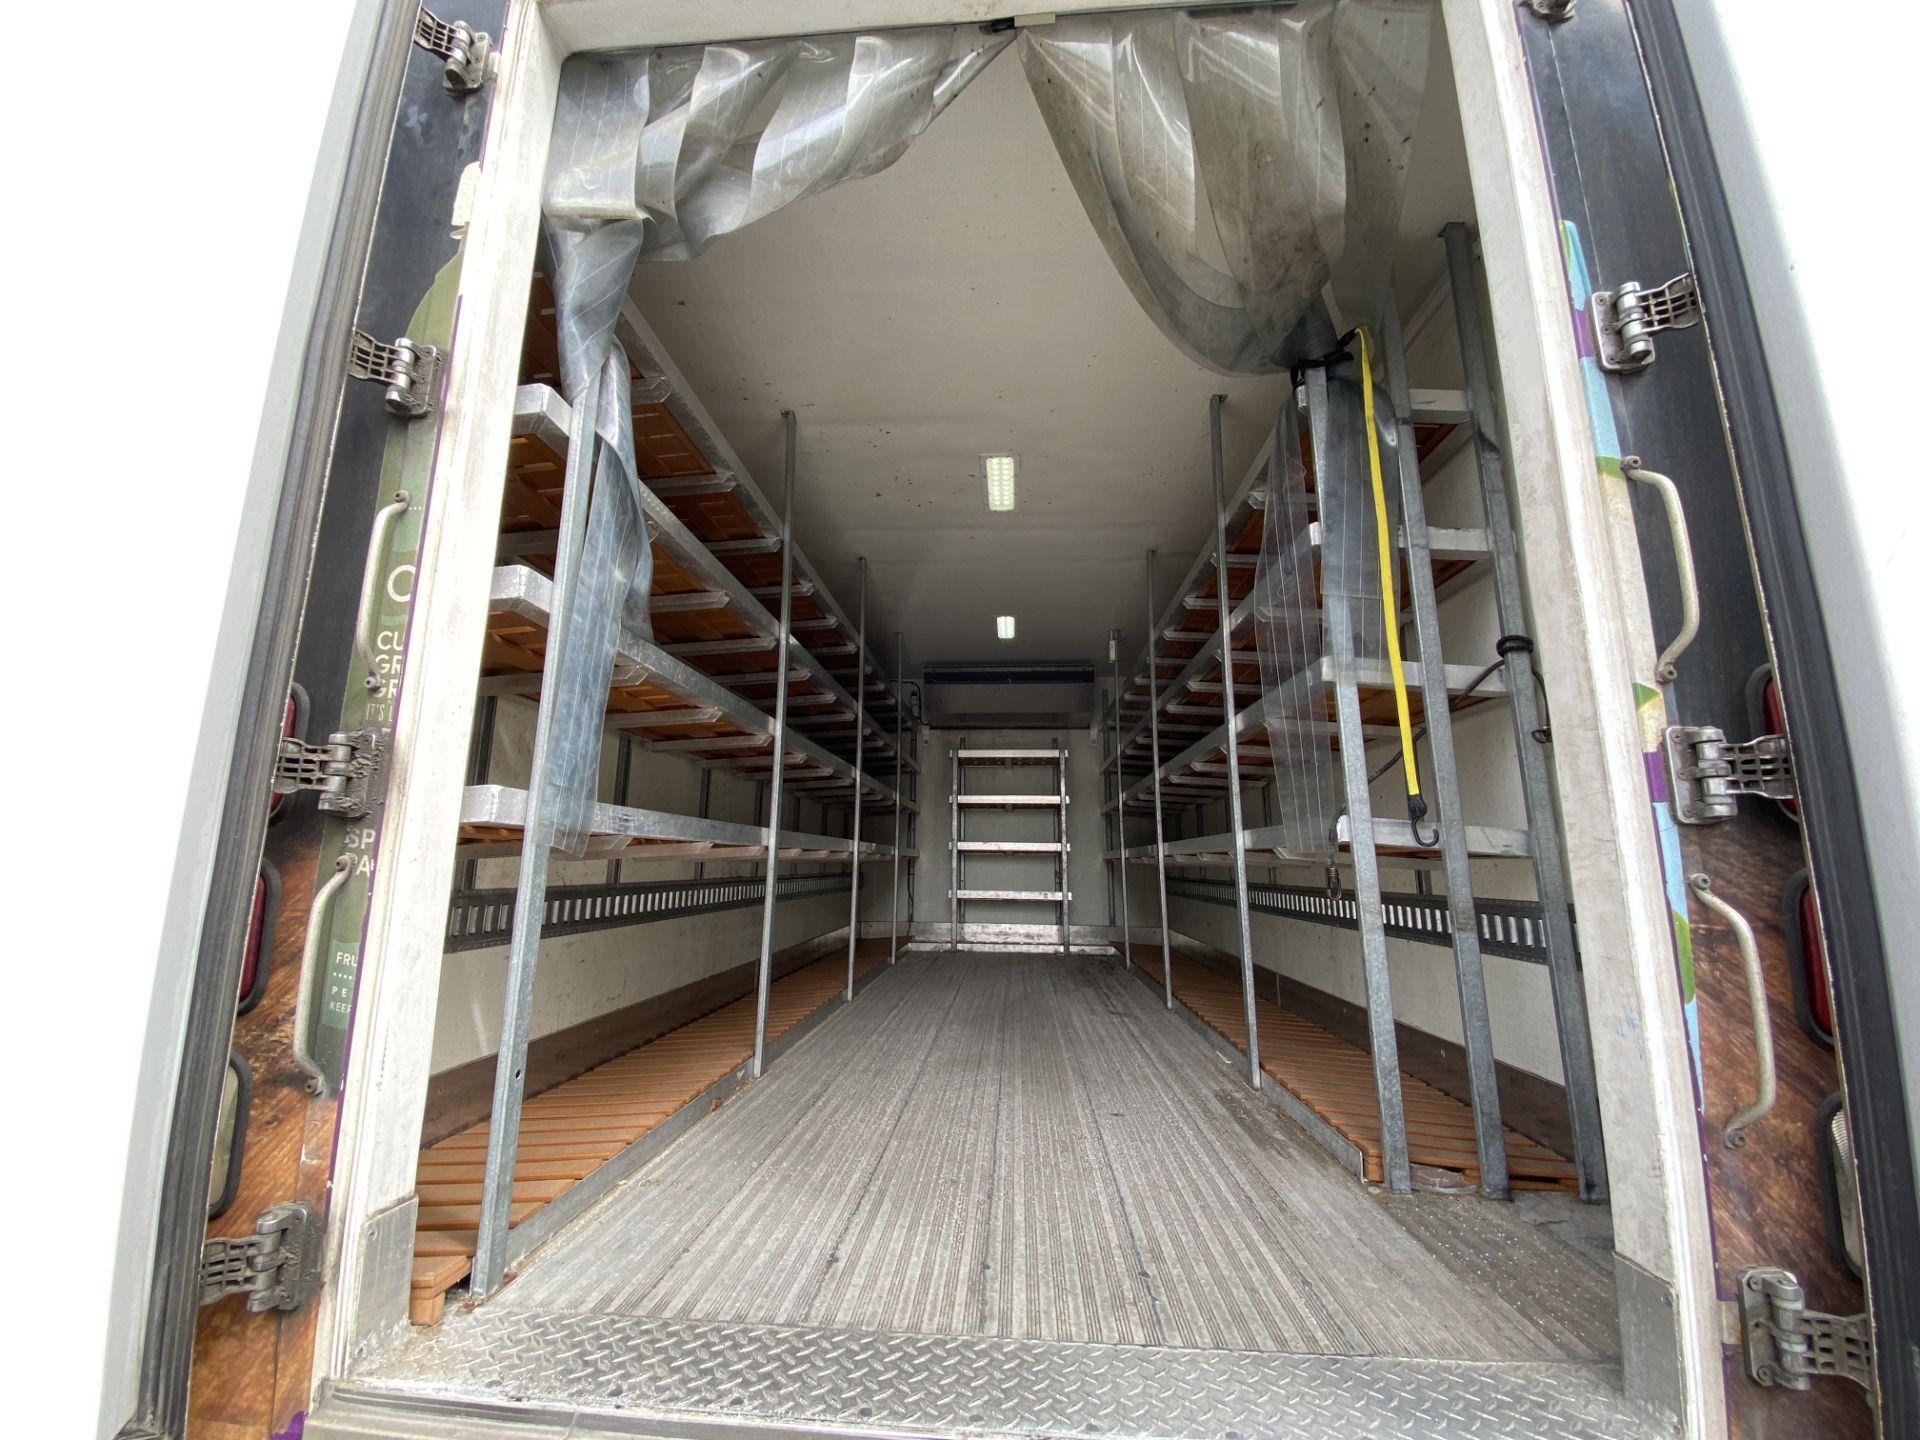 2014 Isuzu refrigerated truck - Image 6 of 9